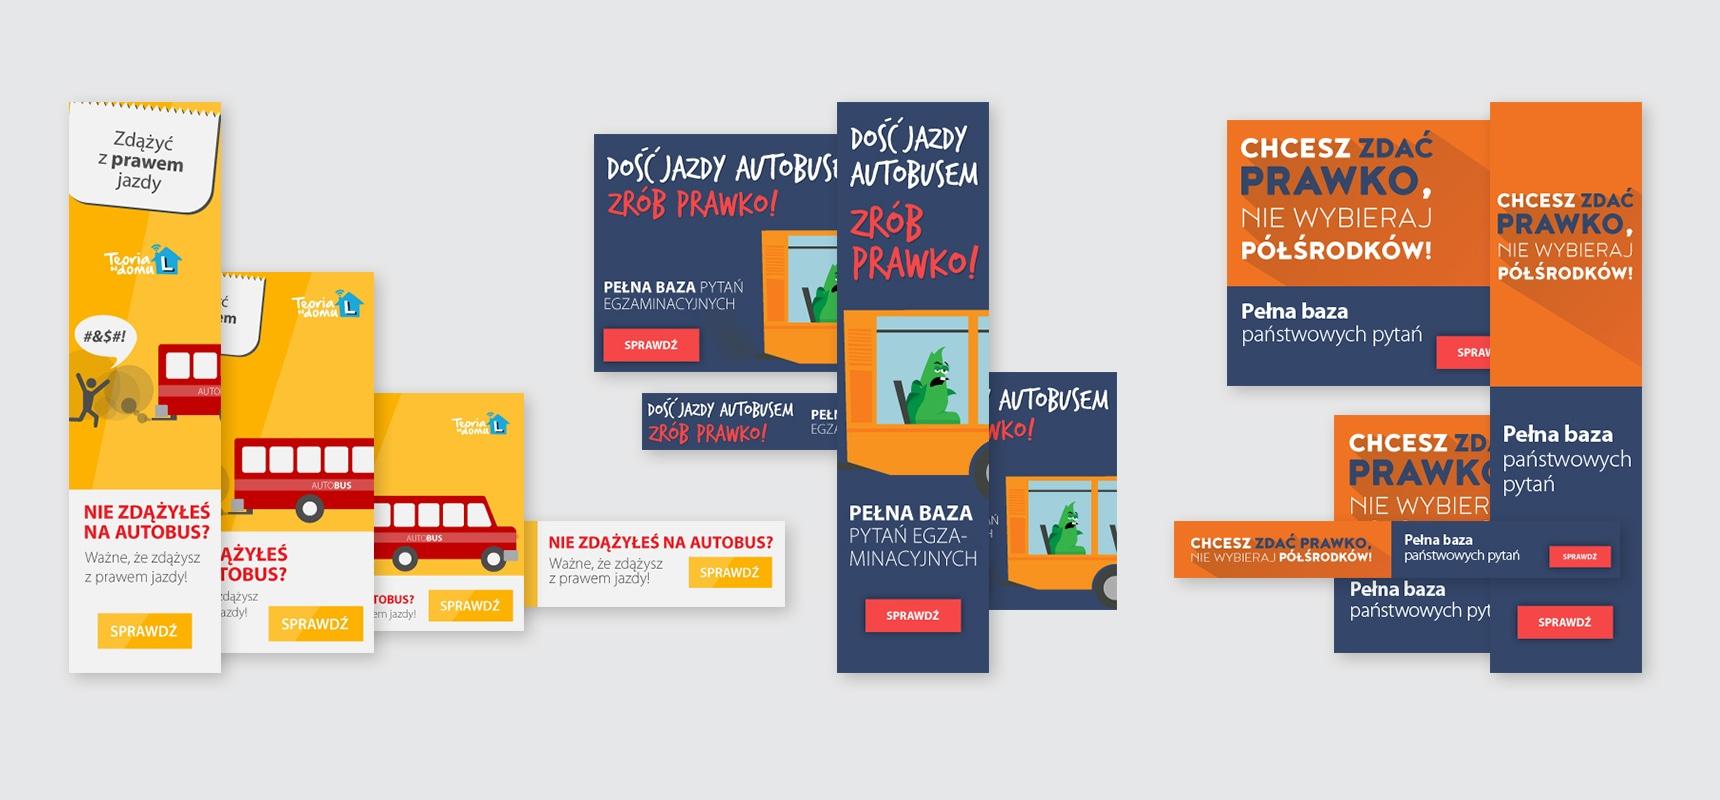 Prawo Jazdy Online - Najlepsza platforma do nauki prawa jazdy